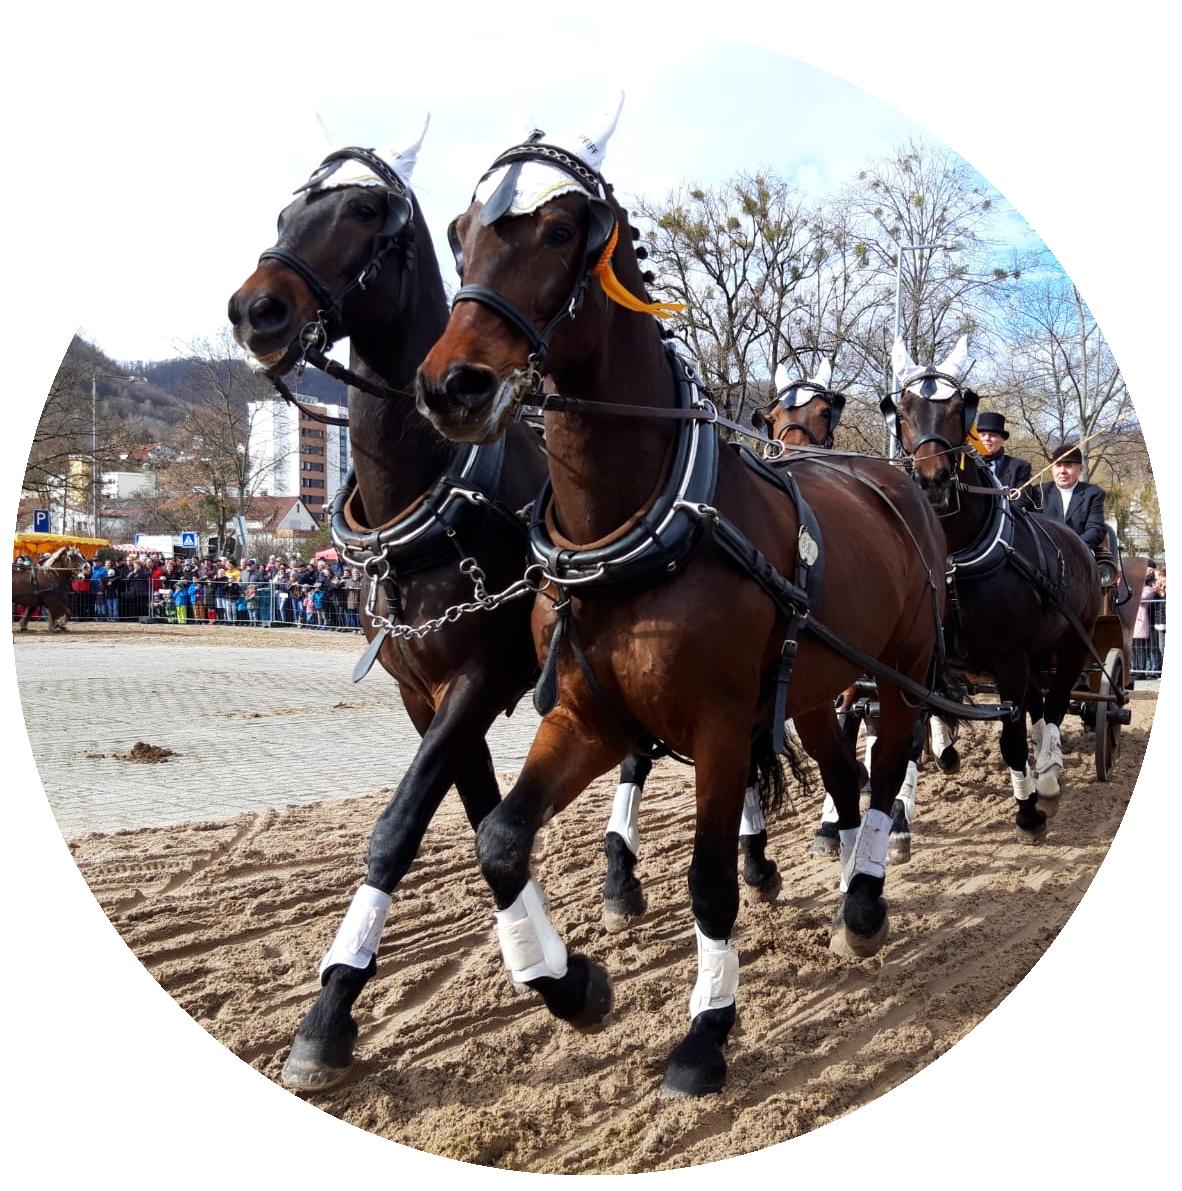 Kutschenfahrt auf dem Pferdemark